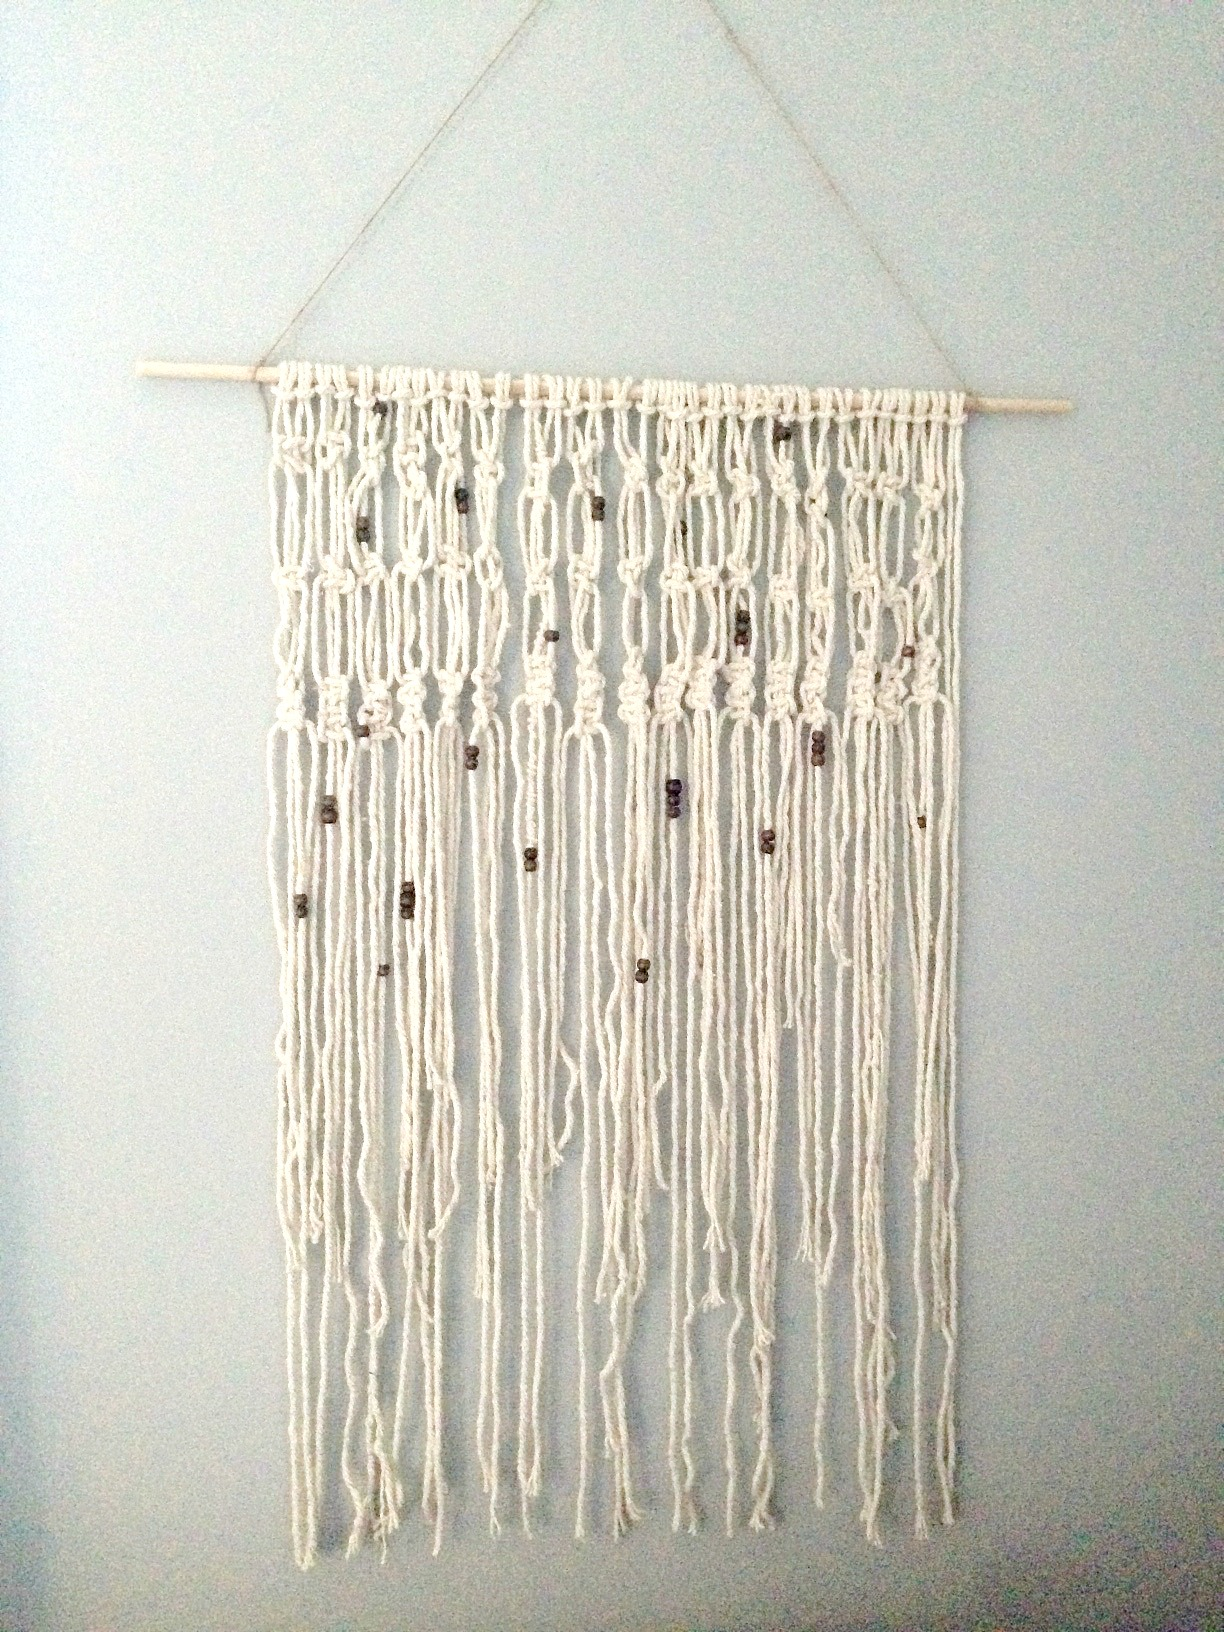 DIY Macrame Wall Hanging